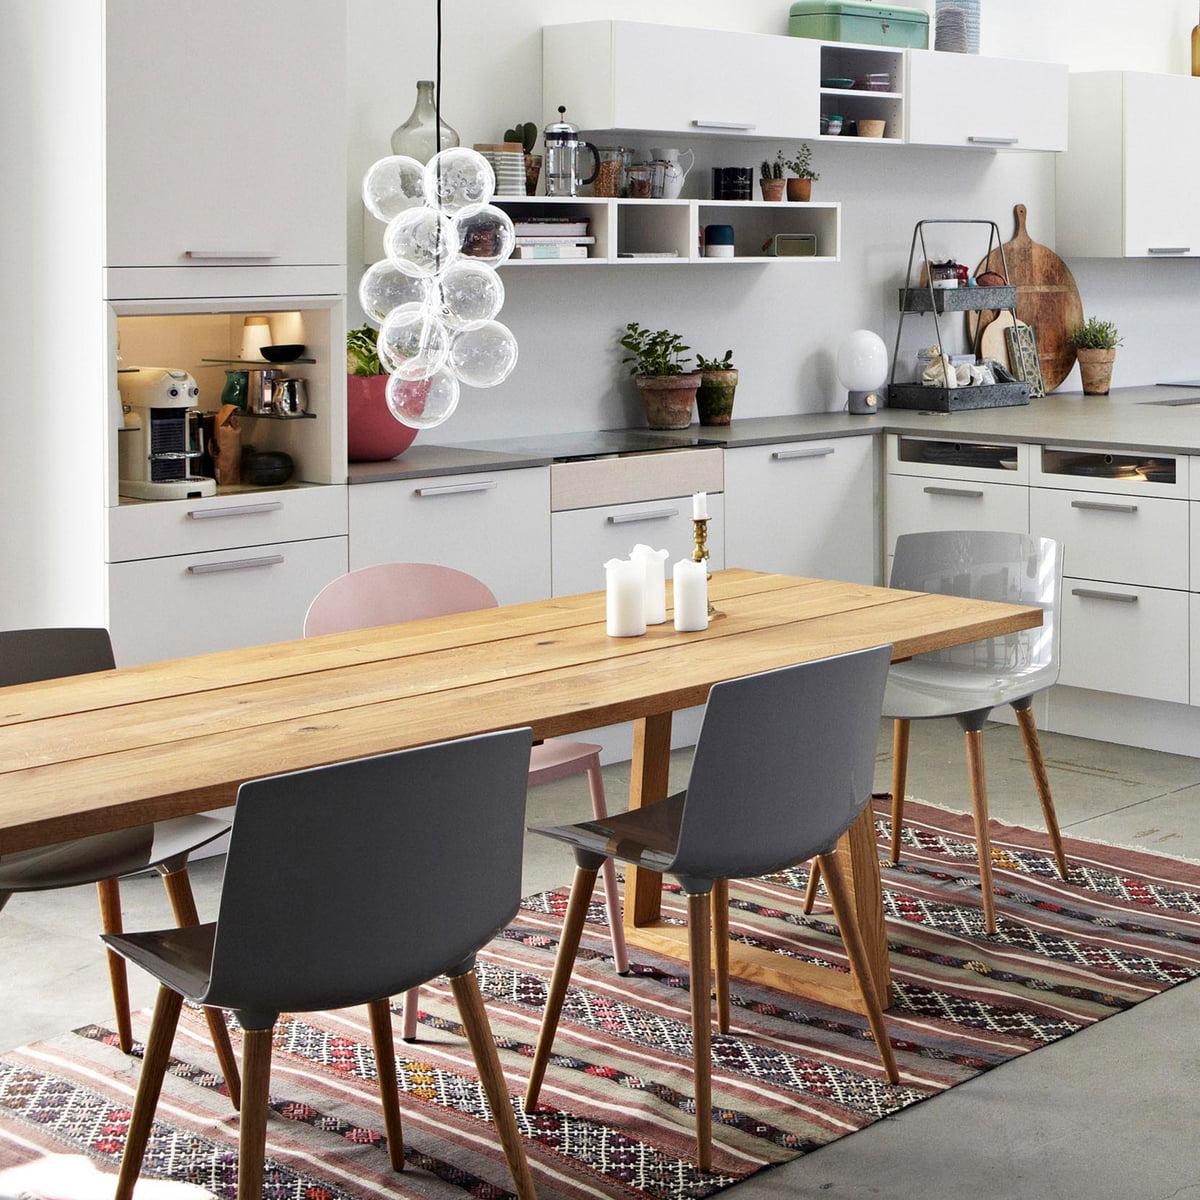 Wunderbar Esstisch Stühle Schwarz Das Beste Von Der Andersen Furniture - Tac Stuhl Am